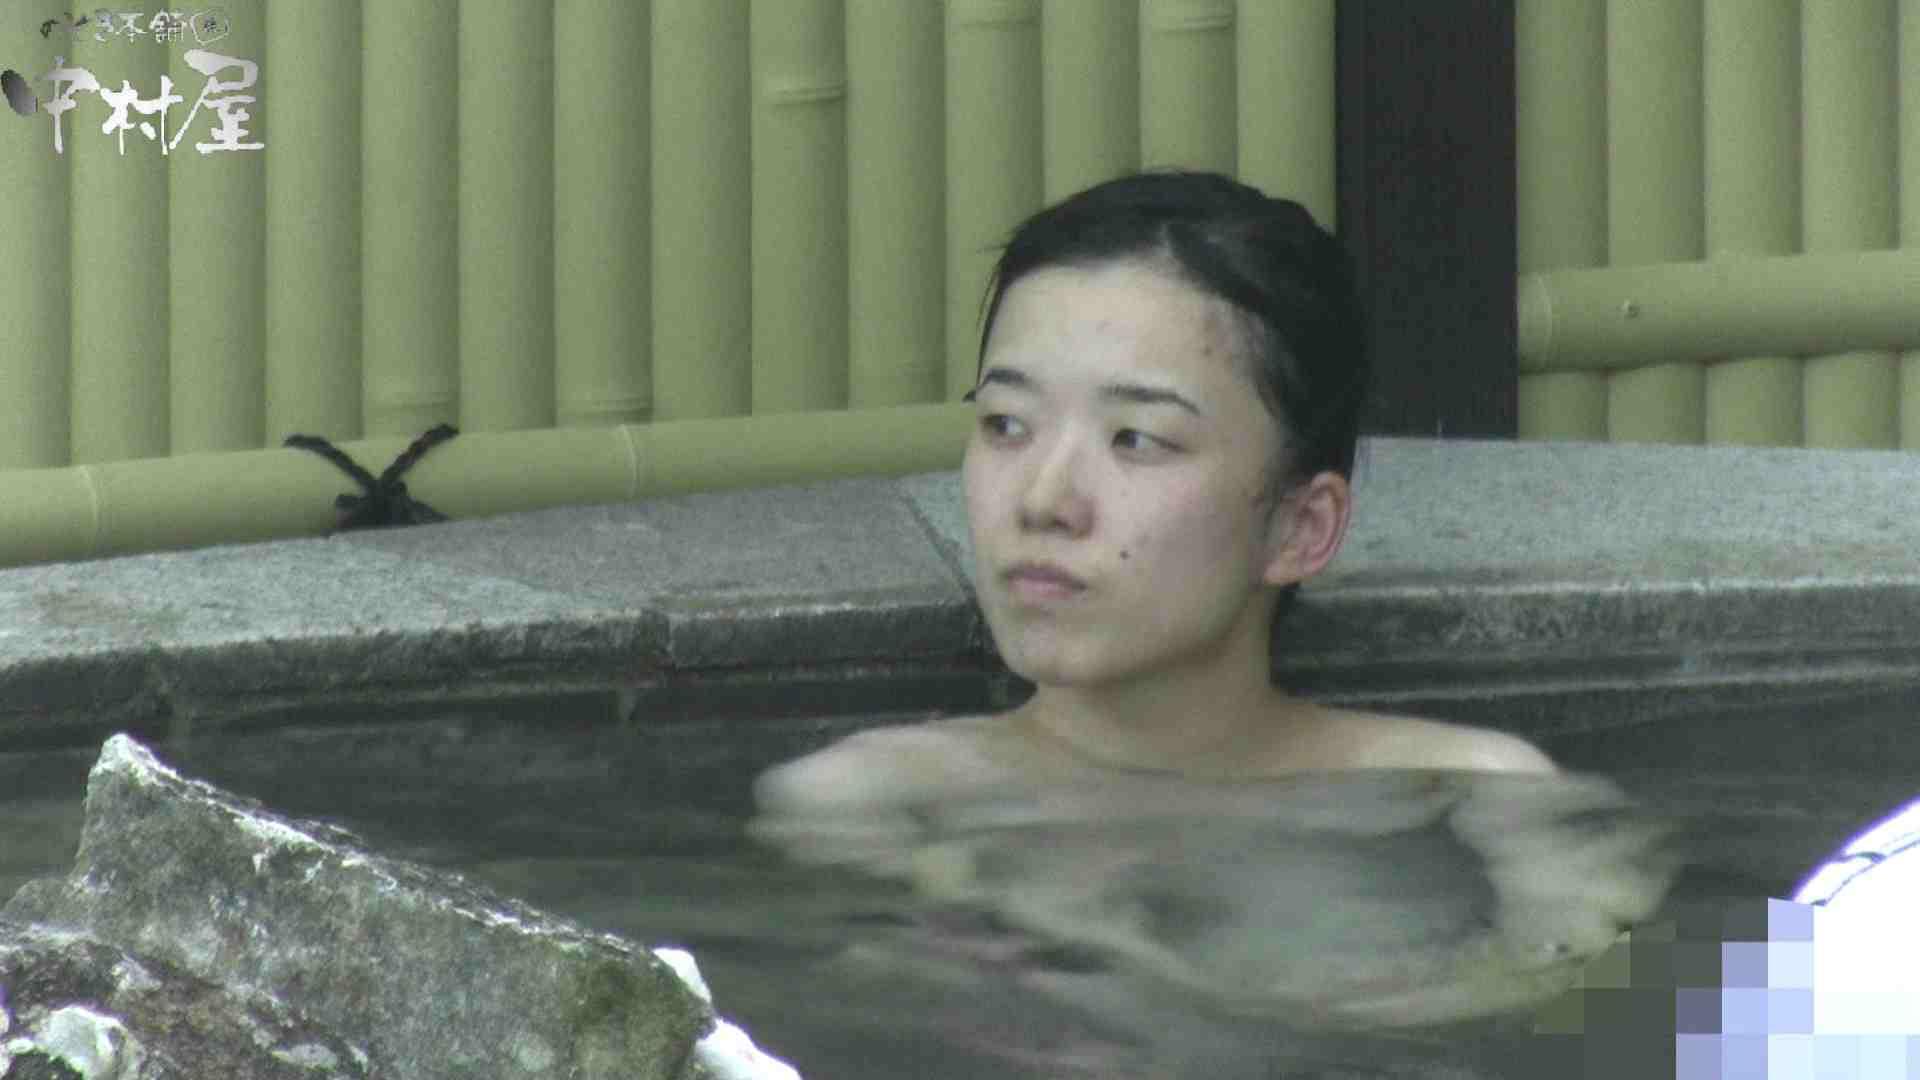 Aquaな露天風呂Vol.908 露天   盗撮  81pic 50